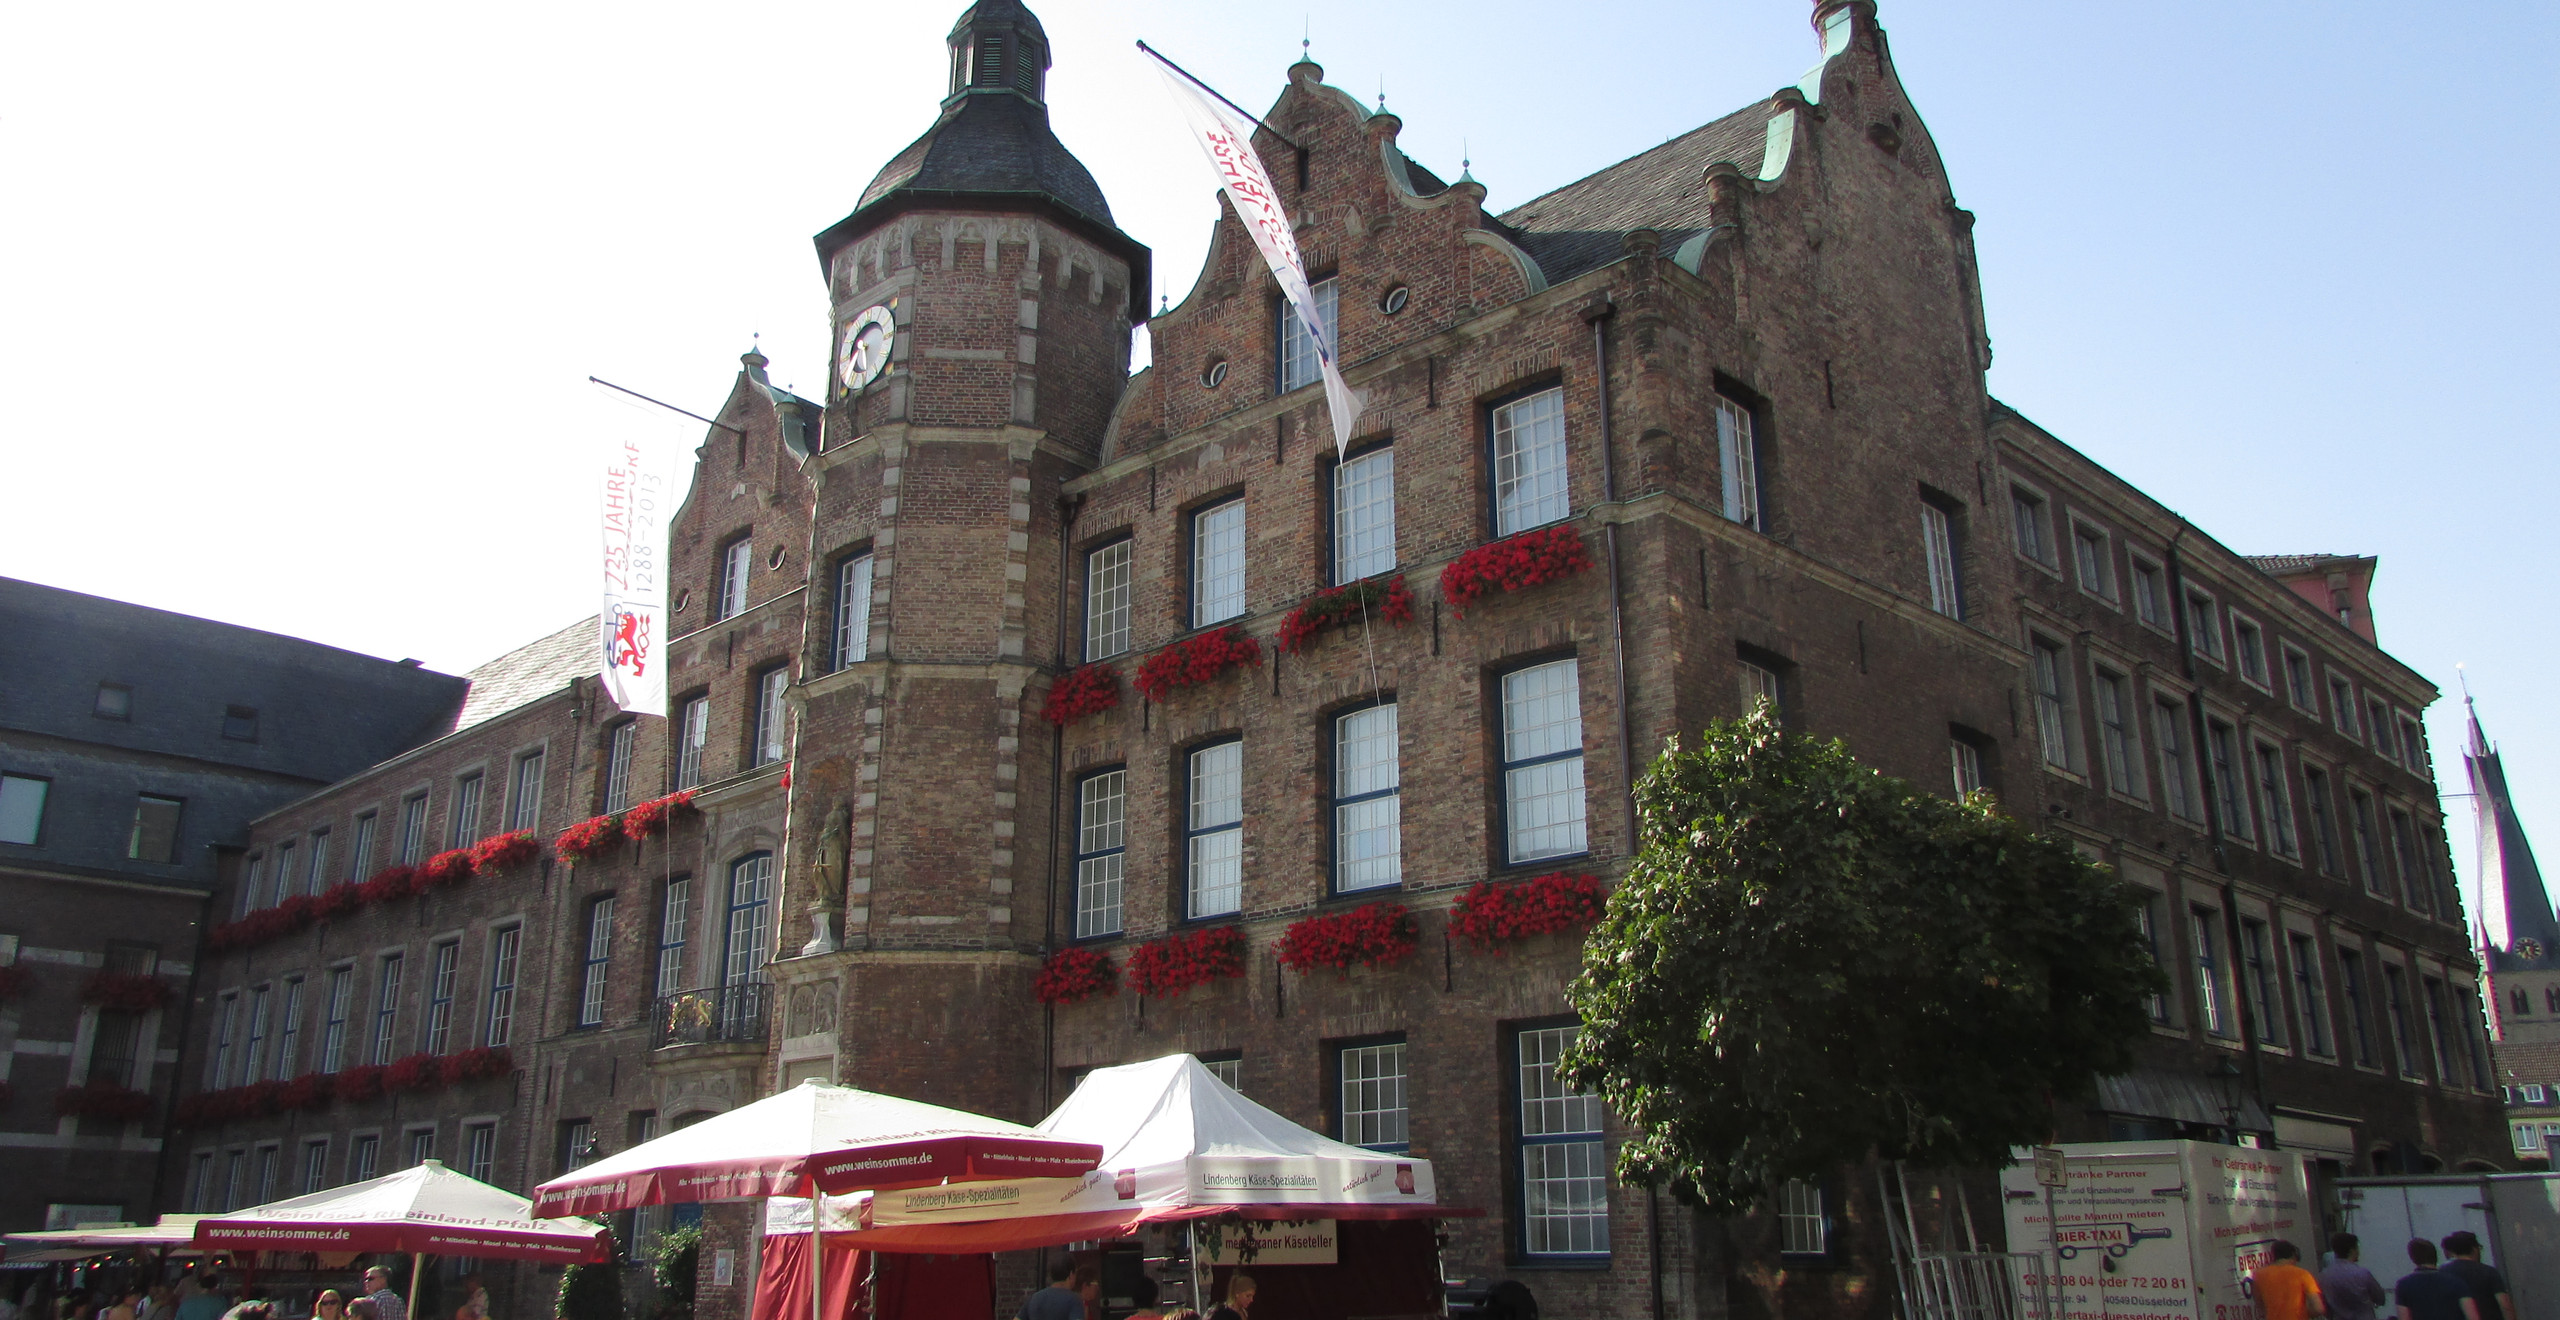 בית העירייה במרכז העיר העתיקה בדיסלדורף